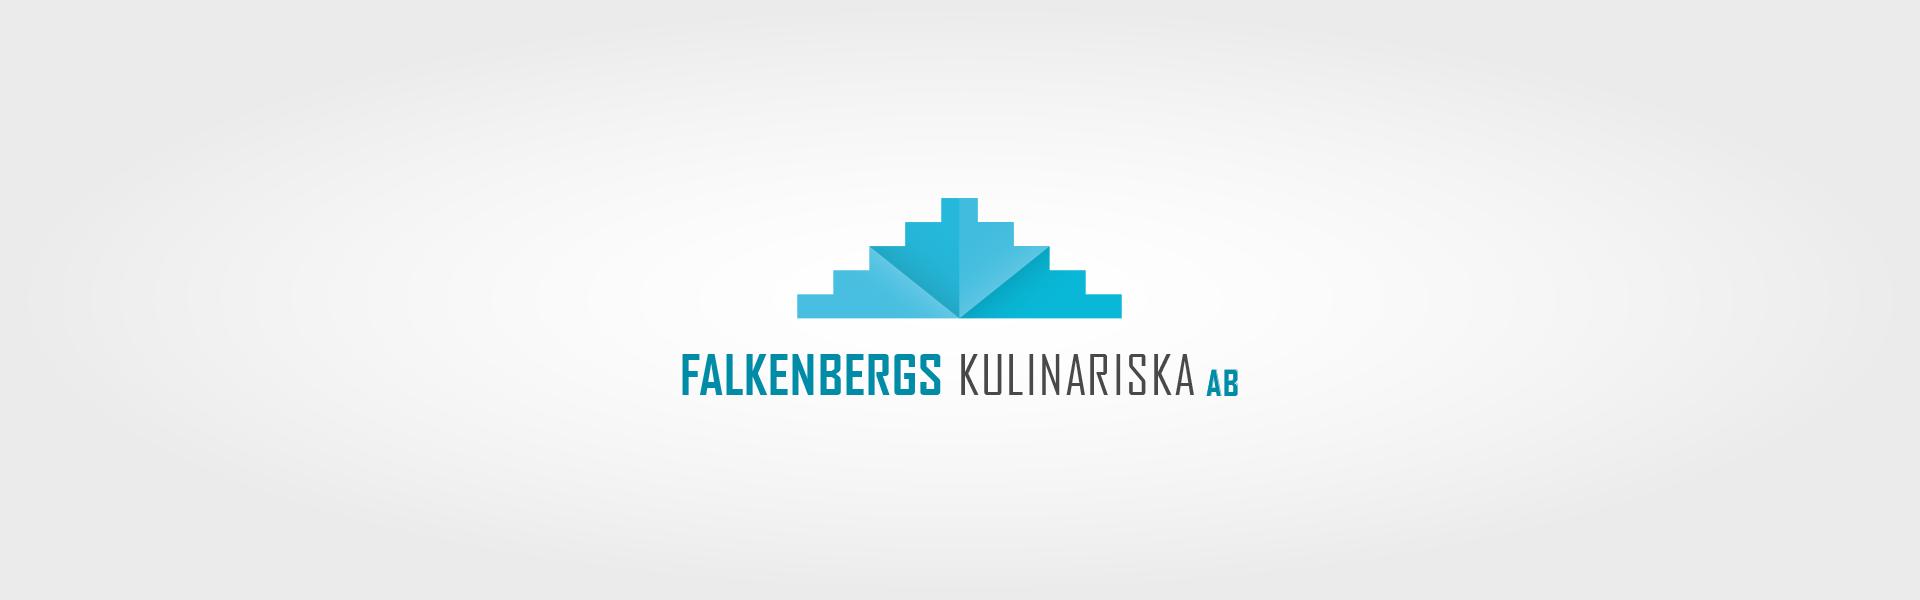 falkenbergskulinariska_AB_slider_low